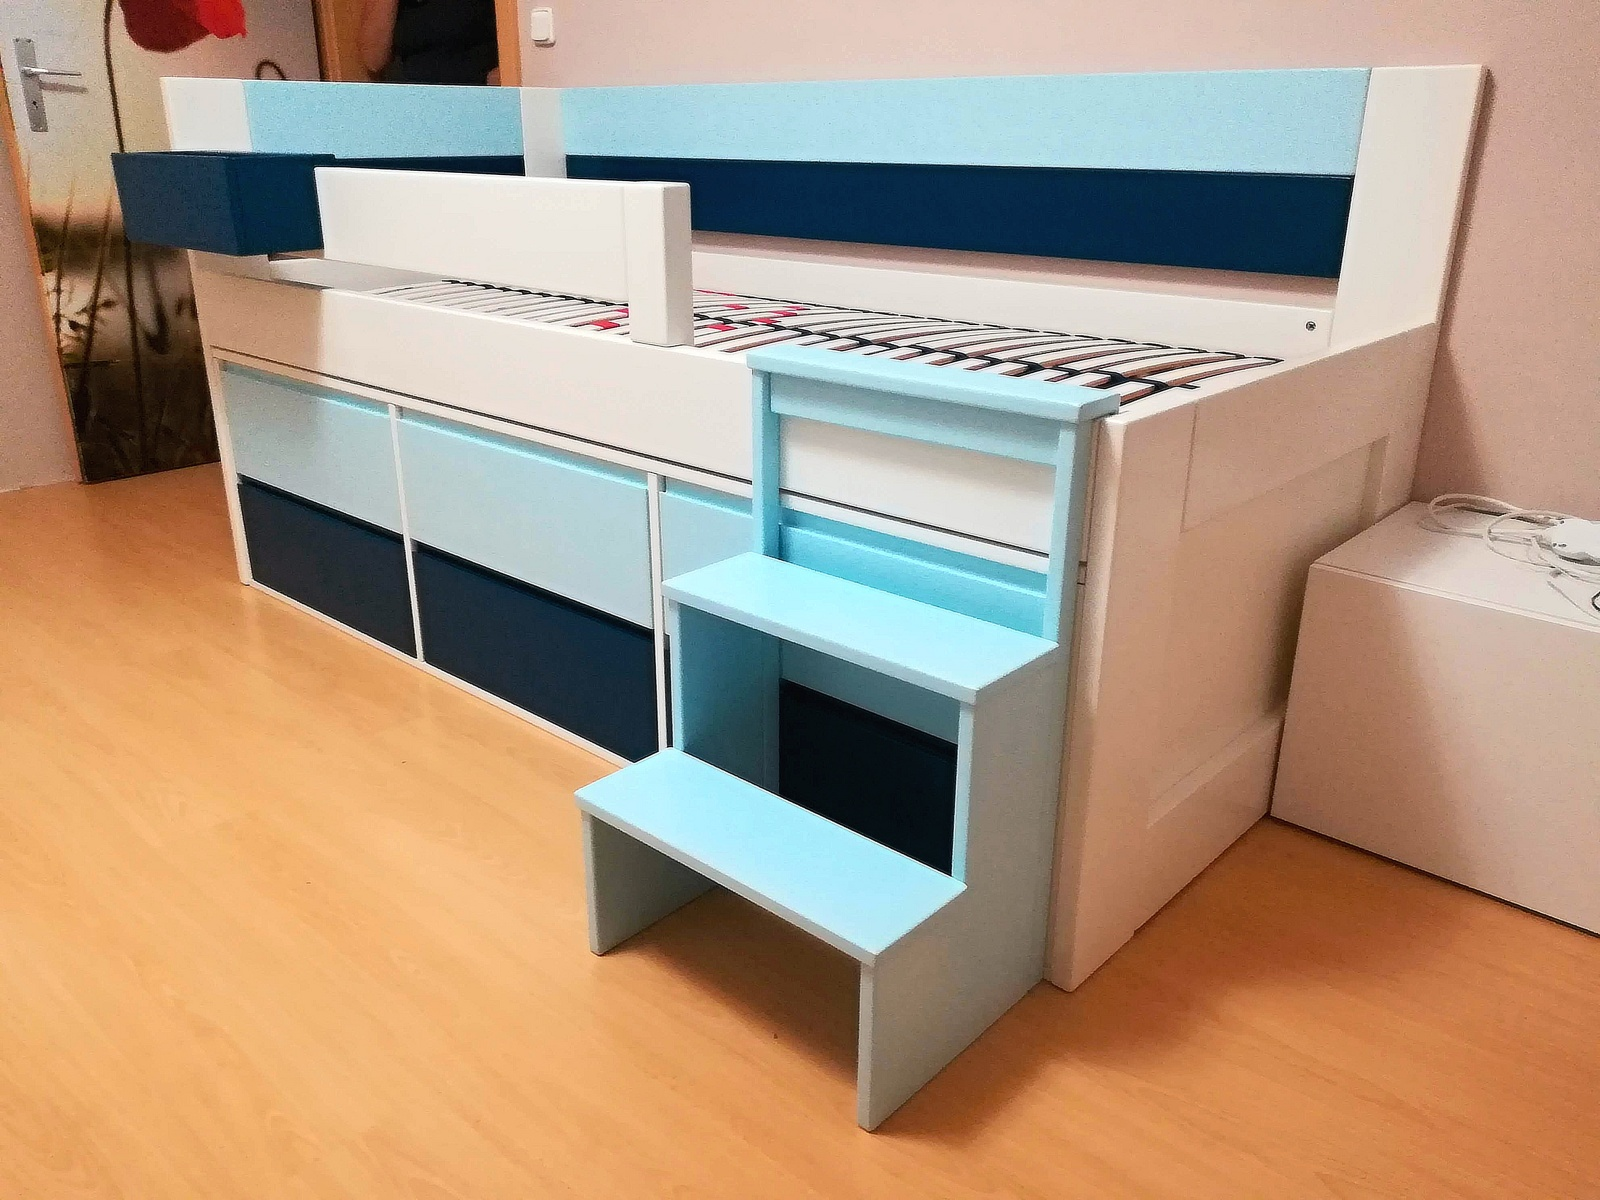 rohová postel v pastelových barvách se zásuvkami